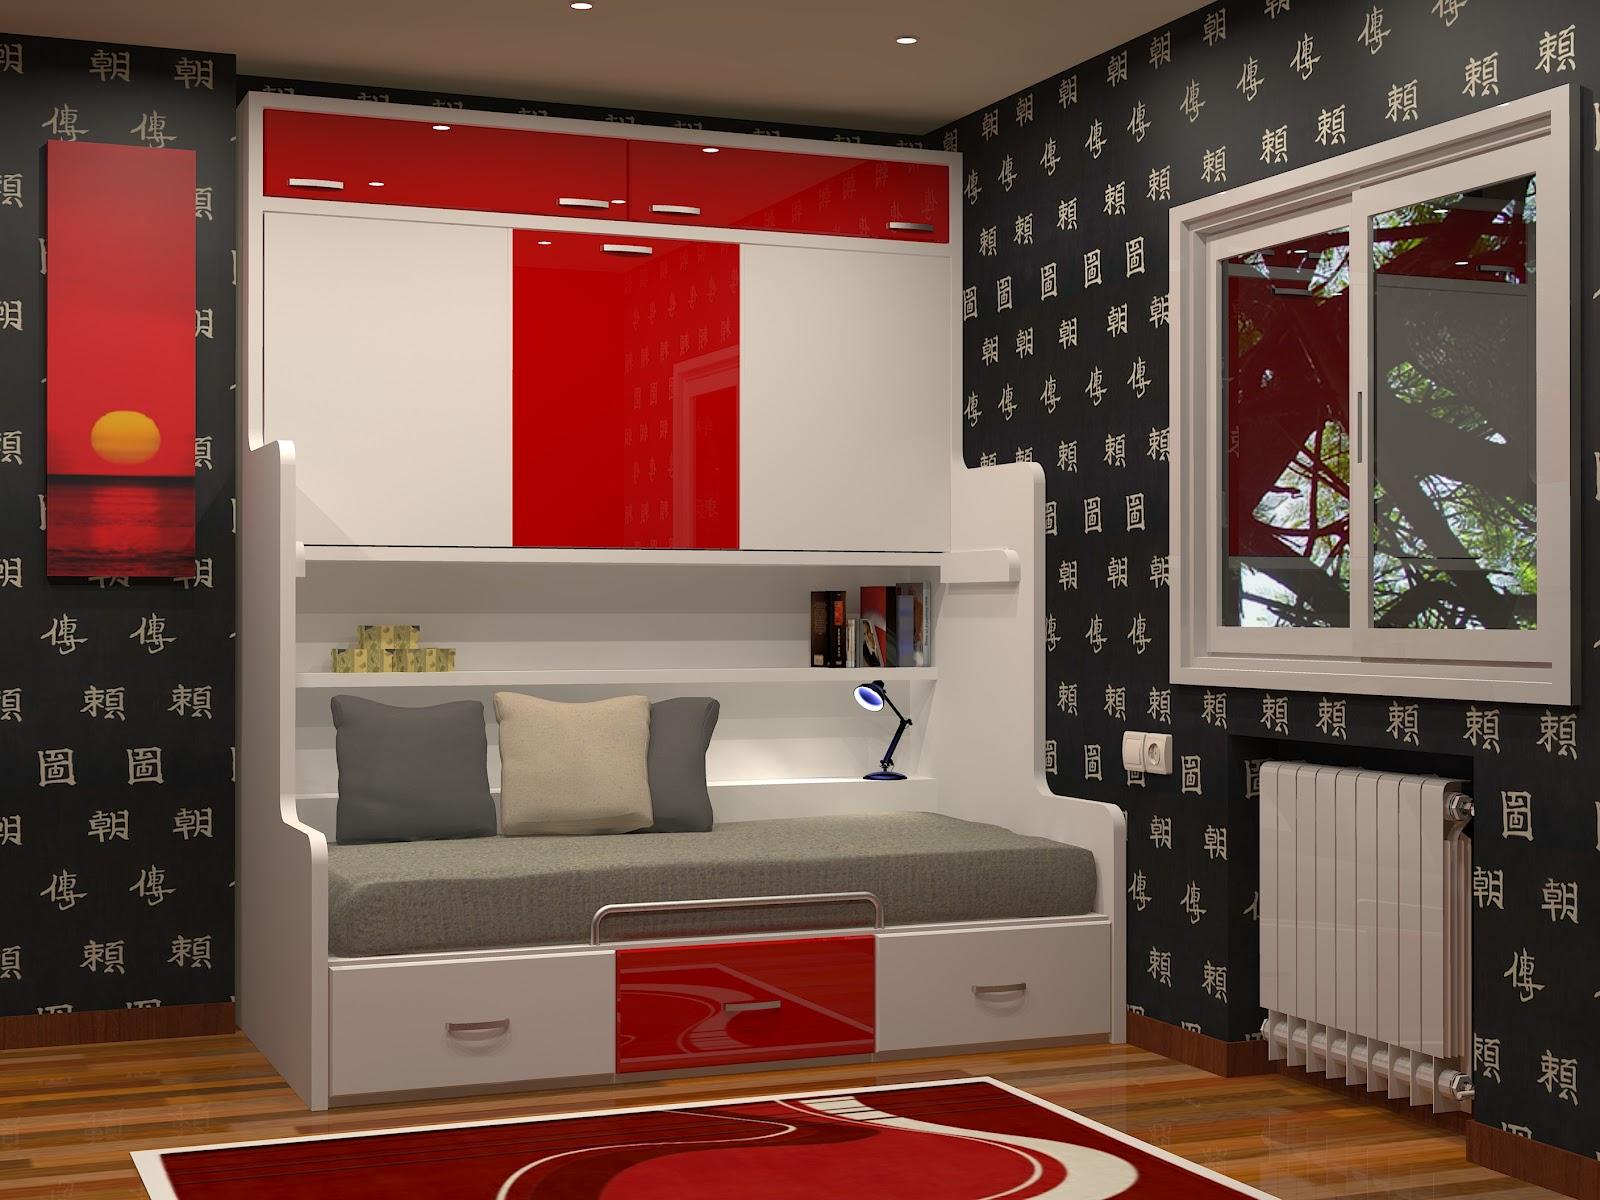 Camas abatibles en madrid camas abatibles toledo - Habitaciones juveniles camas abatibles horizontales ...